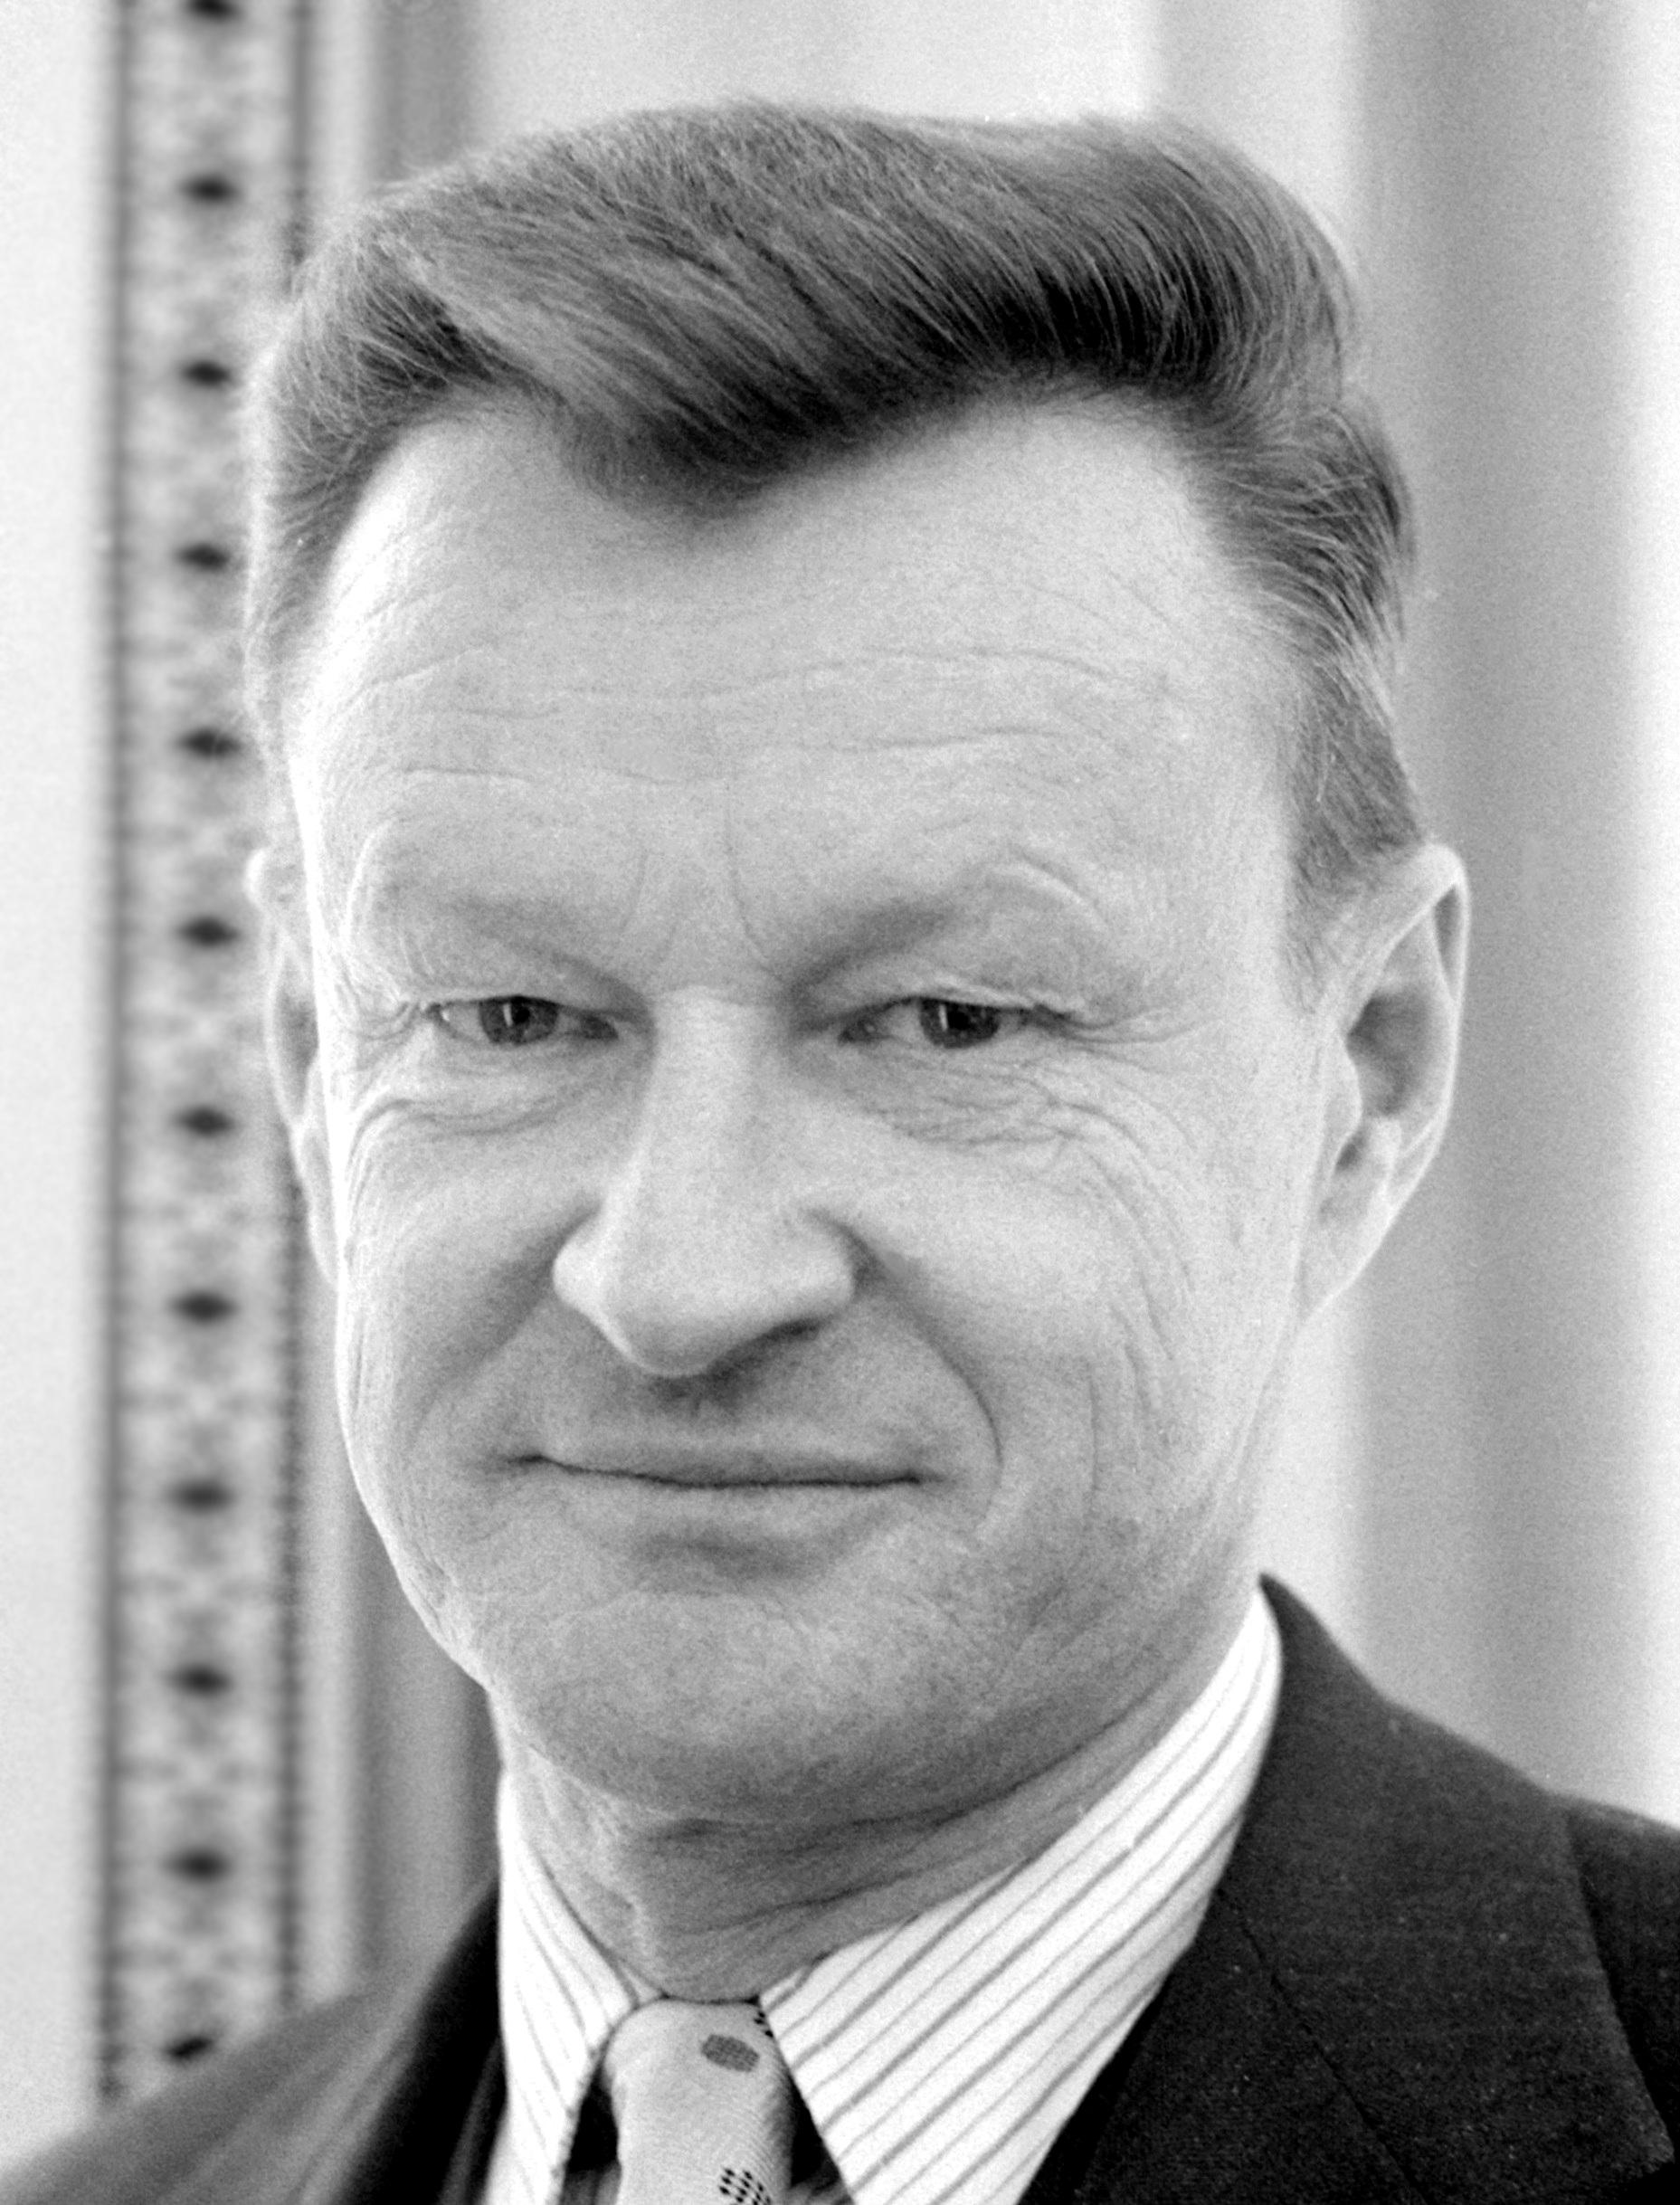 Brzezinski in 1977